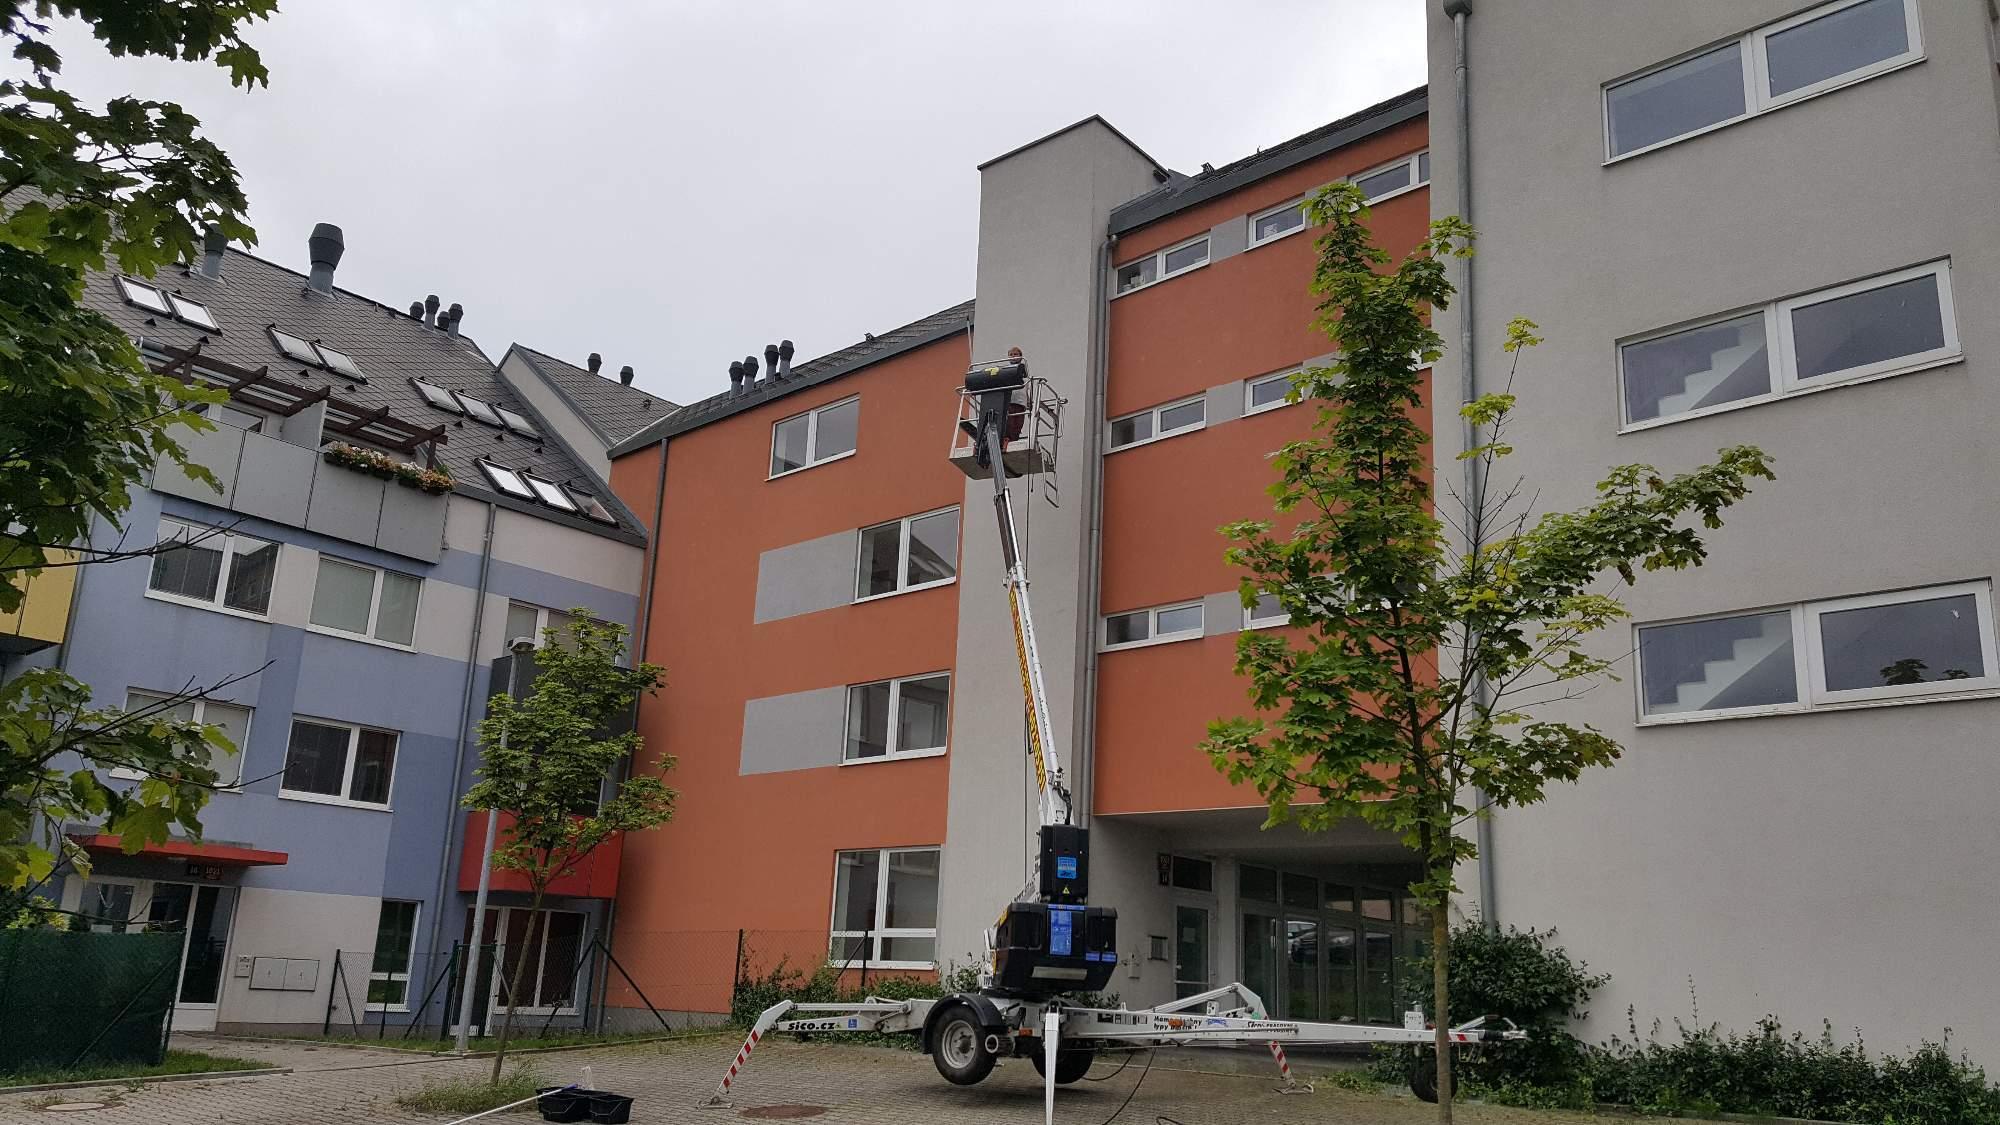 Odstranění plísně ze zateplené fasády - šetrné, ale dlouhodobé